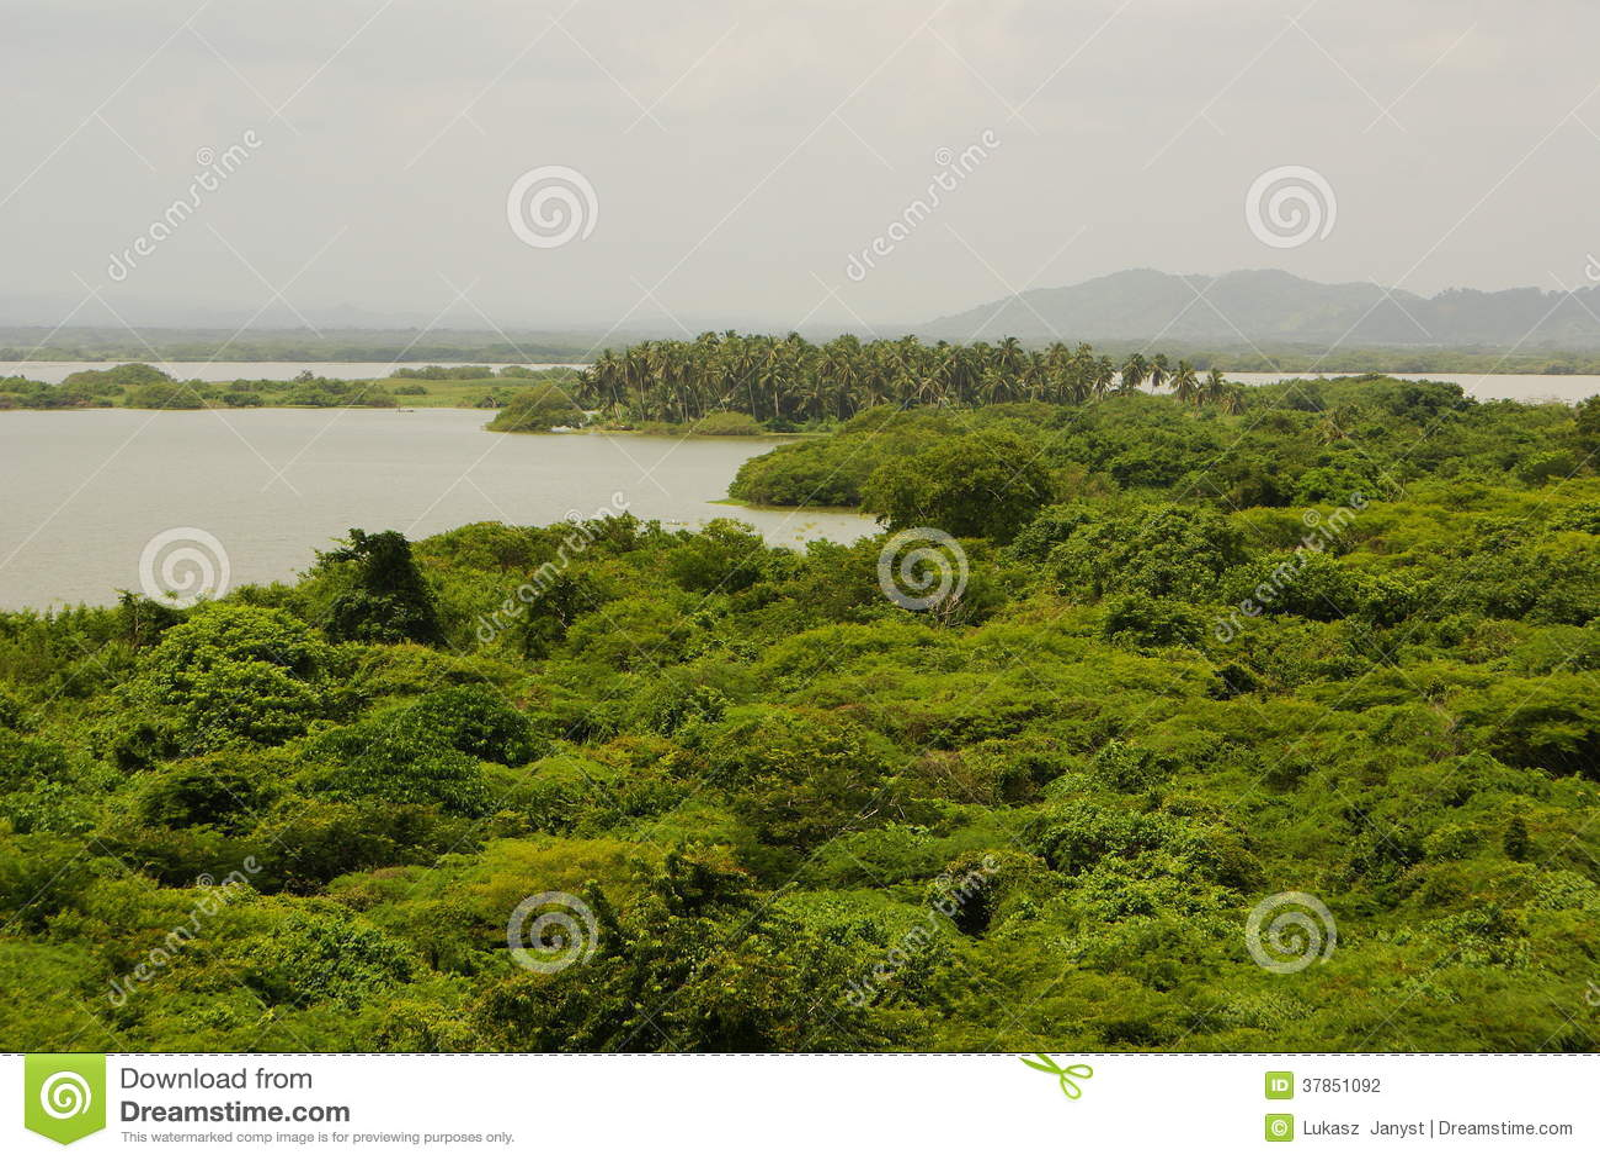 Selva tropical duplicada en aguas, en Rio Negro en el lavabo del río Amazonas, el Brasil, Suramérica